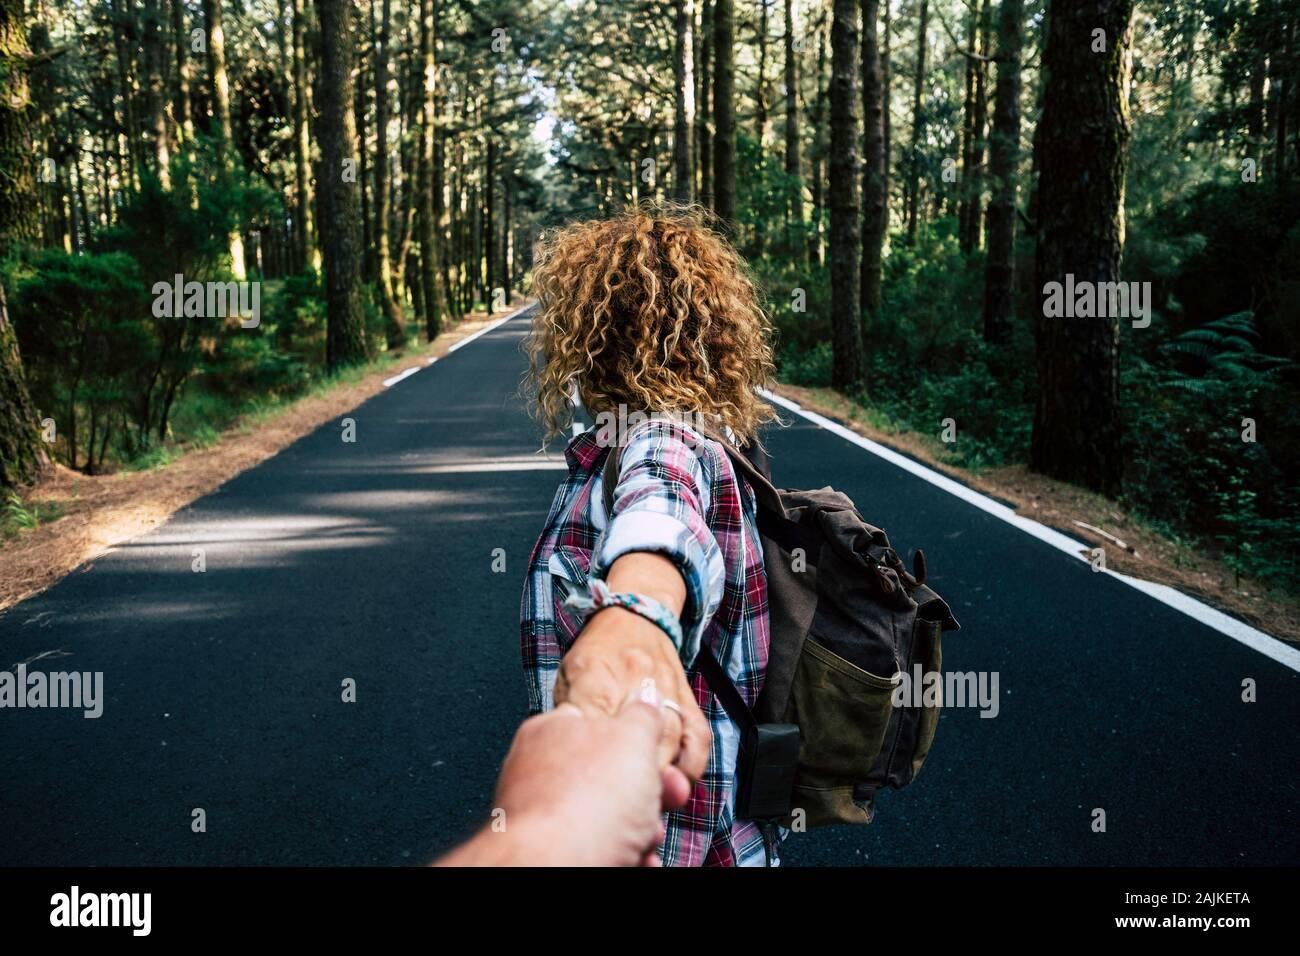 Par viajar juntos caminando con mochila de un bosque en una larga carretera de asfalto - el hombre punto de vista - Manos con amor y relaciones - alte Foto de stock